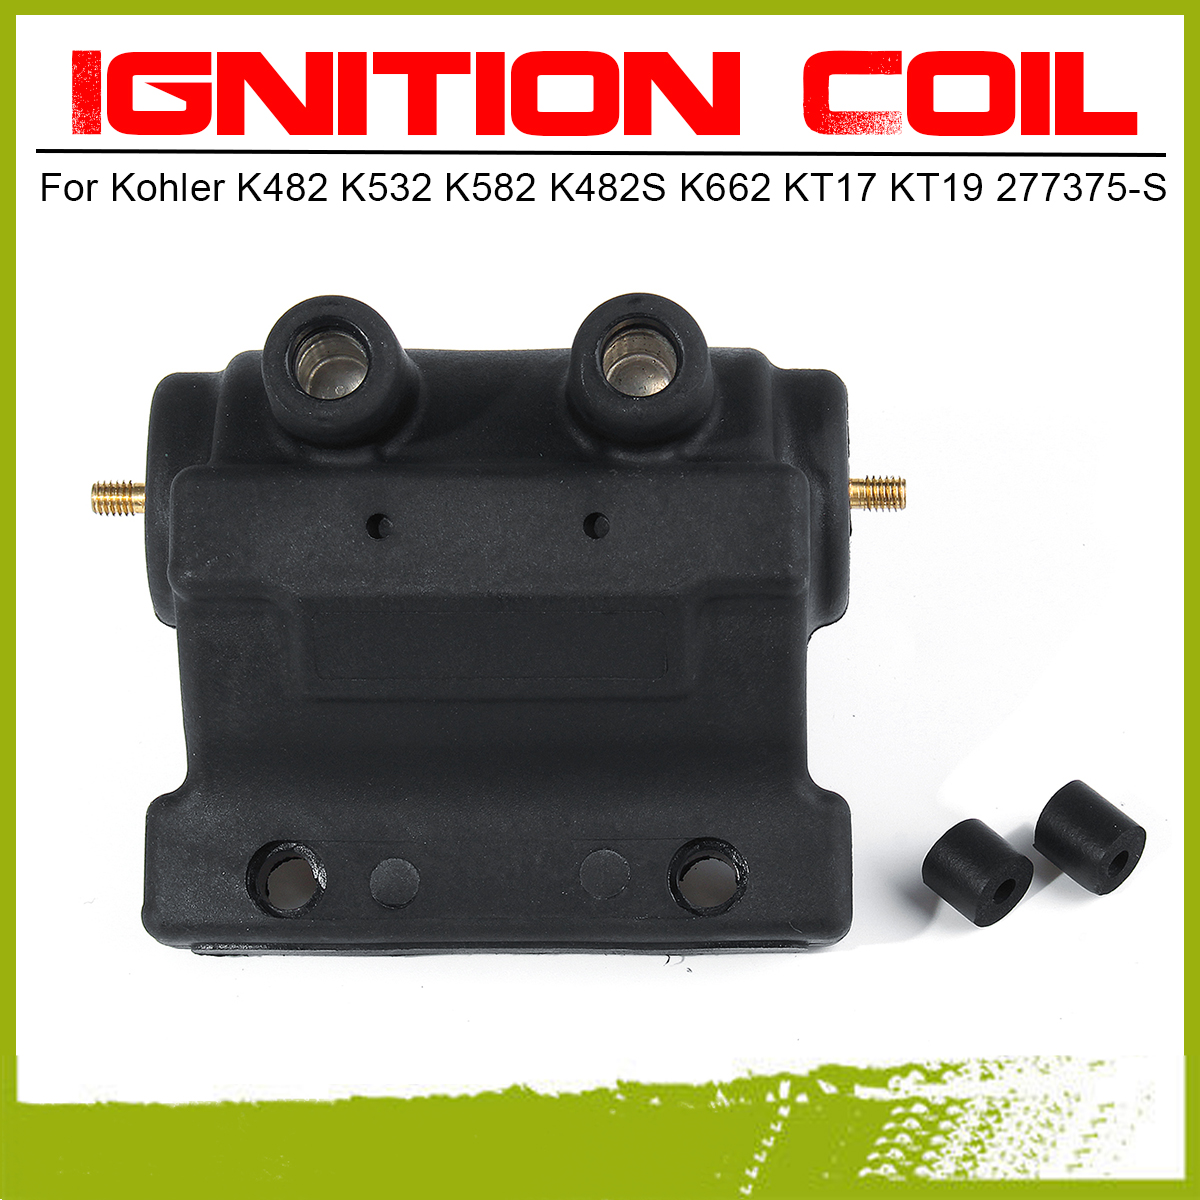 Autu Parts 52-755-48-S Ignition Coil Kit for Kohler KT17 KT18 KT19 KT 17 18 19 52 755 48 S 42 755 48-S